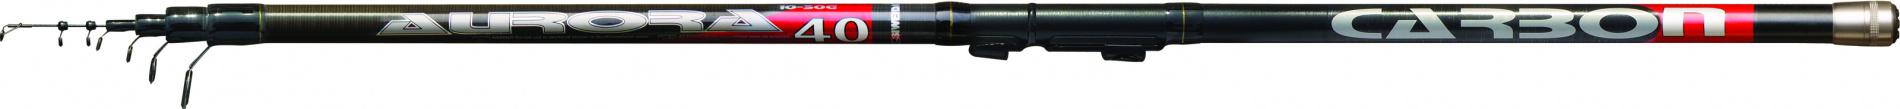 Удилище тел. SWD Aurora 6м с/к карбон IM8 (укороченное, Удилища поплавочные<br>Рейстайлинговая модель компактных телескопических <br>удилище для поплавочной ловли изготавливается <br>с этого сезона из карбона IM8. Основные характеристики <br>удилища: длина 6,0м (в сложенном состоянии <br>105см), количество секций - 7, вес - 350г, максимальный <br>вес оснастки - до 30г. Удилище оснащено облегченными <br>кольцами SIC, быстродействующим катушкодержателем <br>типа Clip Up, специальной вставкой из EVA для <br>предотвращения повреждения проводочных <br>колец при транспортировке и металлической <br>пробкой на комле. Предназначено для всех <br>видов поплавочной ловли и подойдет как <br>для начинающих, так и для опытных рыболовов.<br>